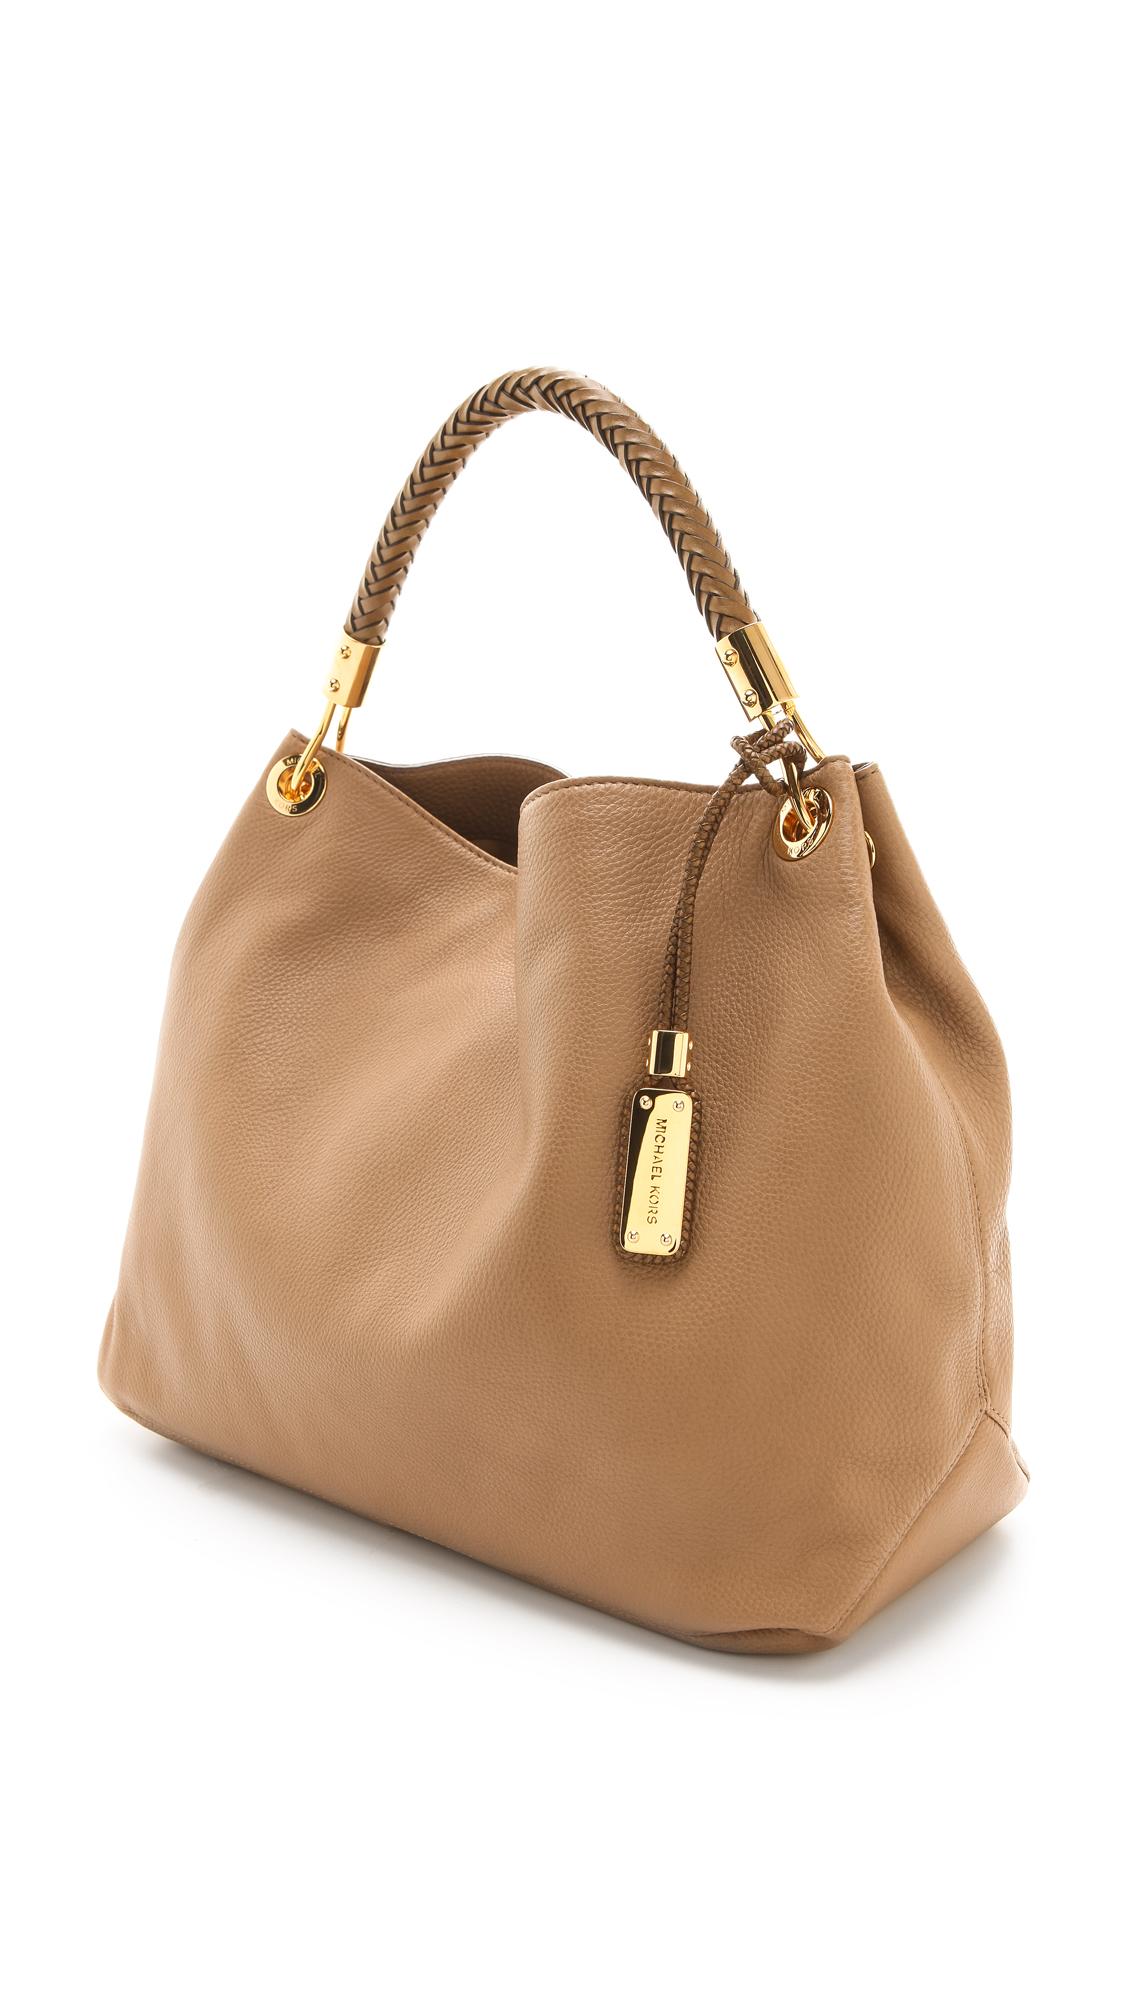 ffc9ba54c064 Michael Kors Collection Skorpios Large Shoulder Bag